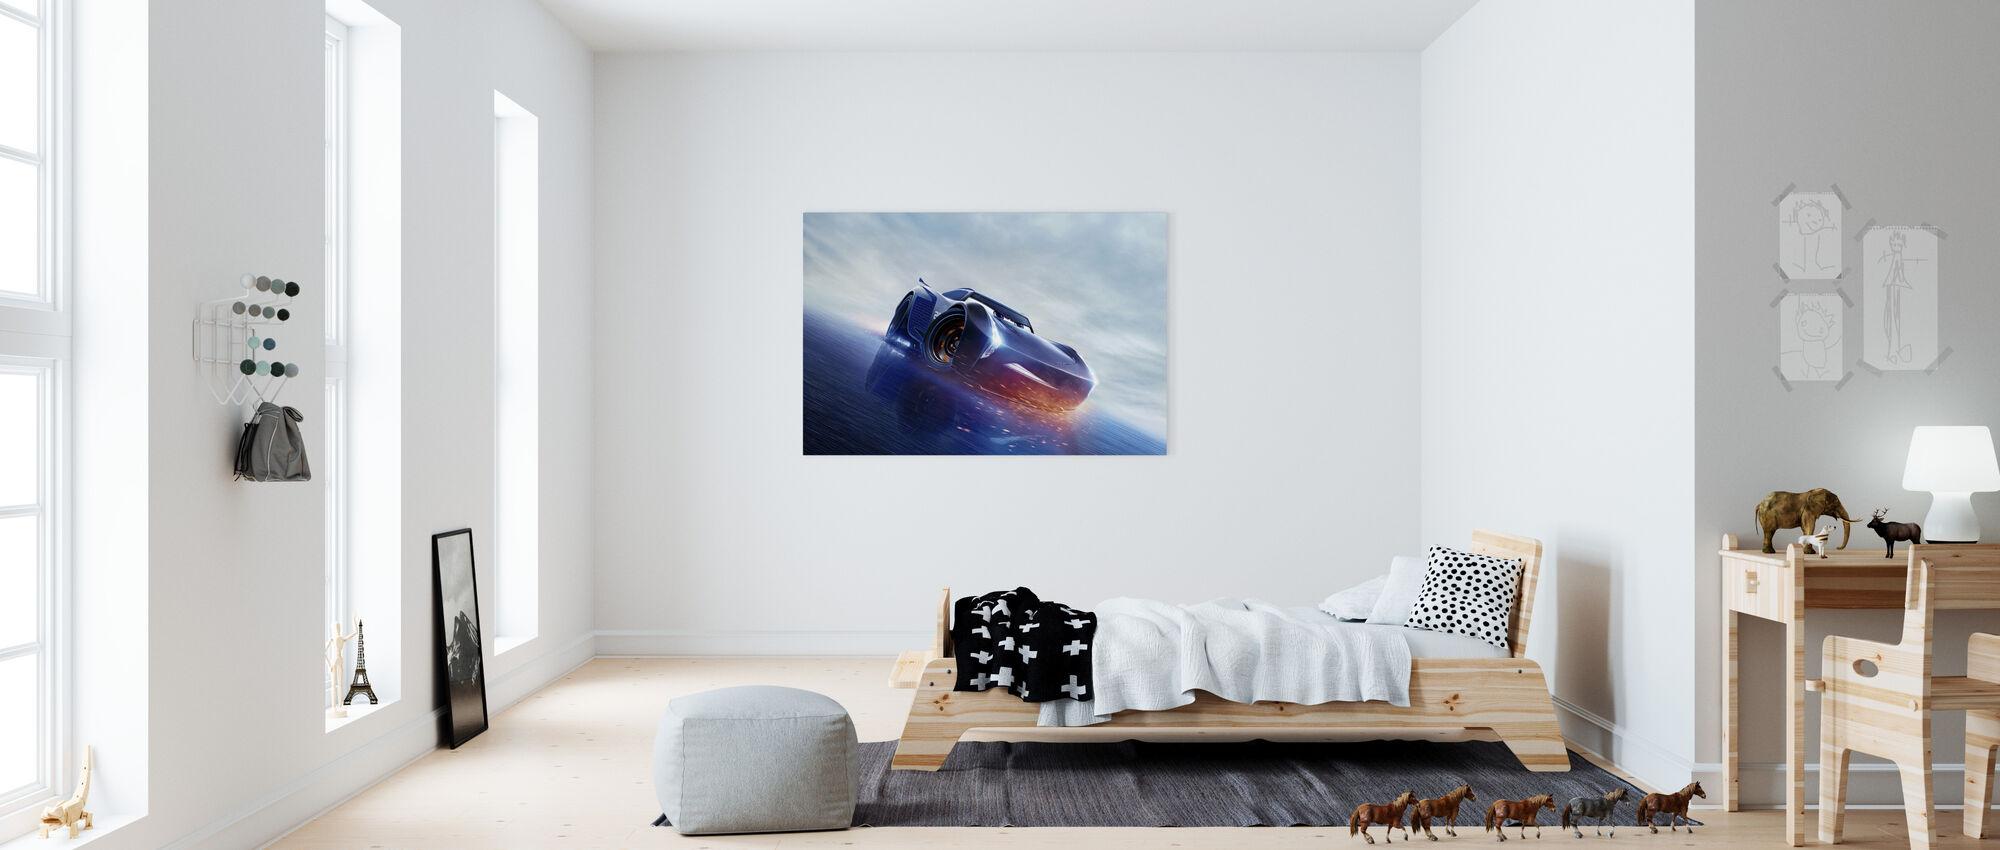 Autot 3 - Seuraavan sukupolven Racer - Jackson Storm - Canvastaulu - Lastenhuone